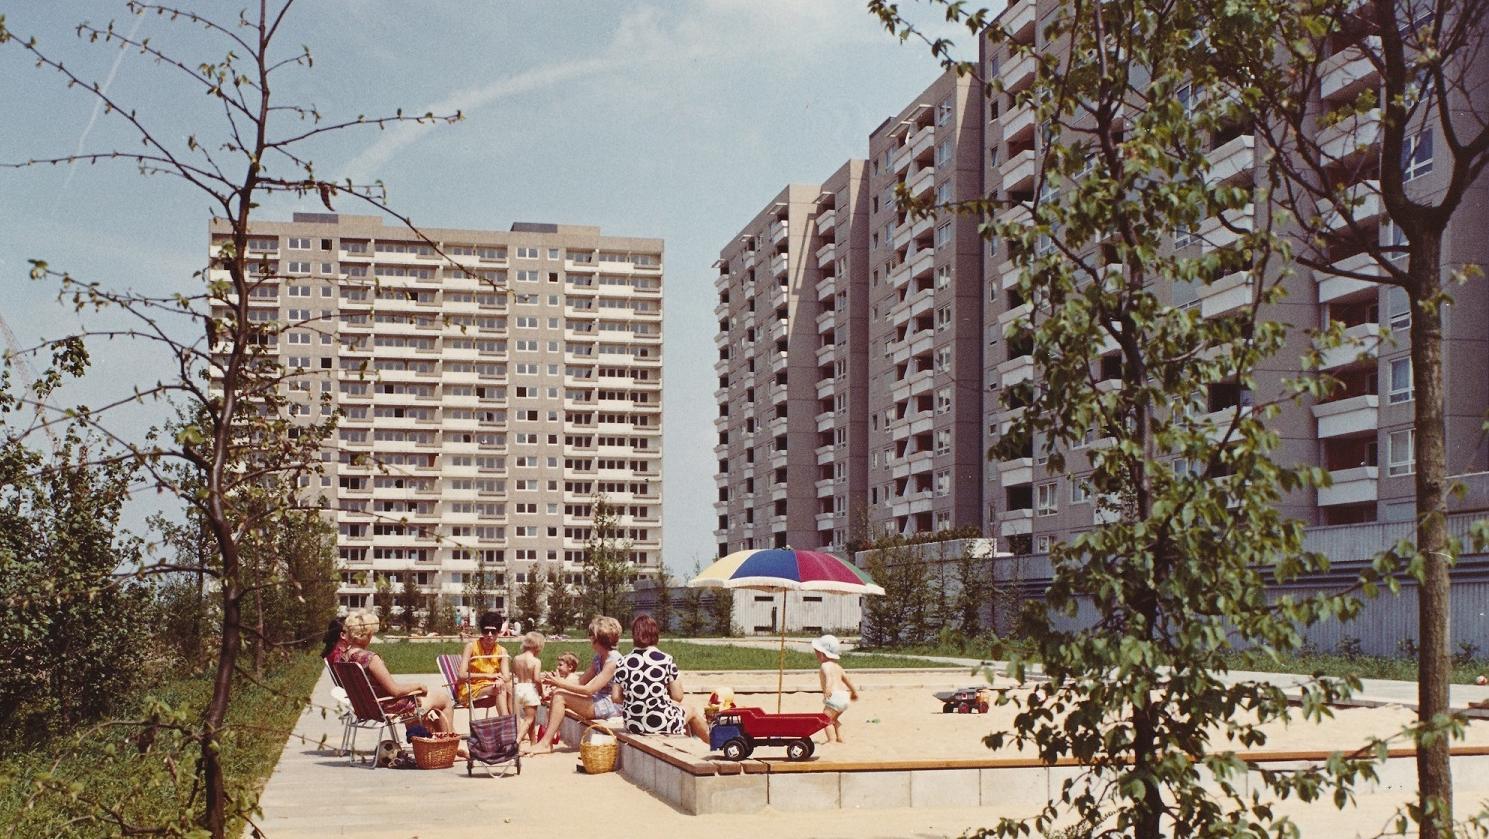 Frauen und Kinder auf die Spielplatz im Hof der Siedlung Kranichstein Darmstadt